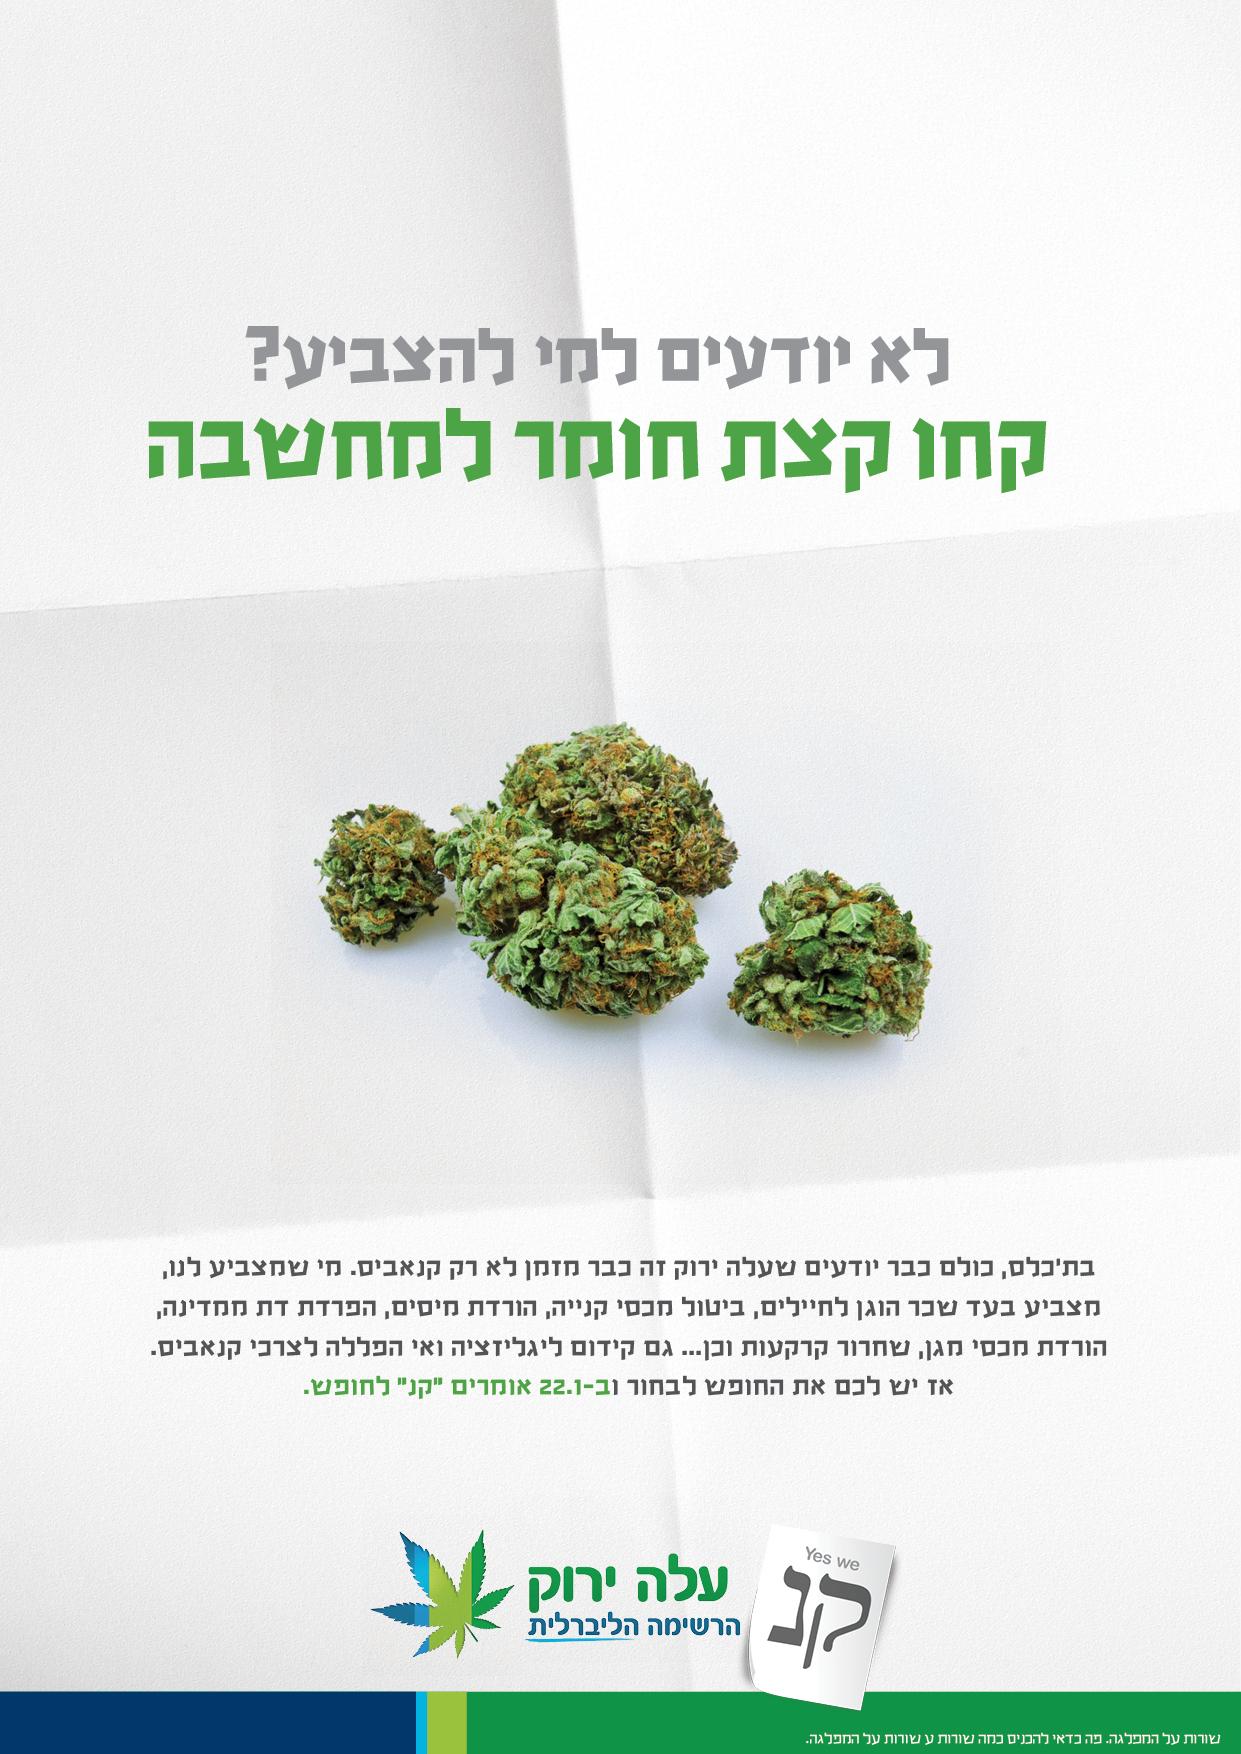 קמפיין הבחירות החדש של עלה ירוק - הרשימה הליברלית